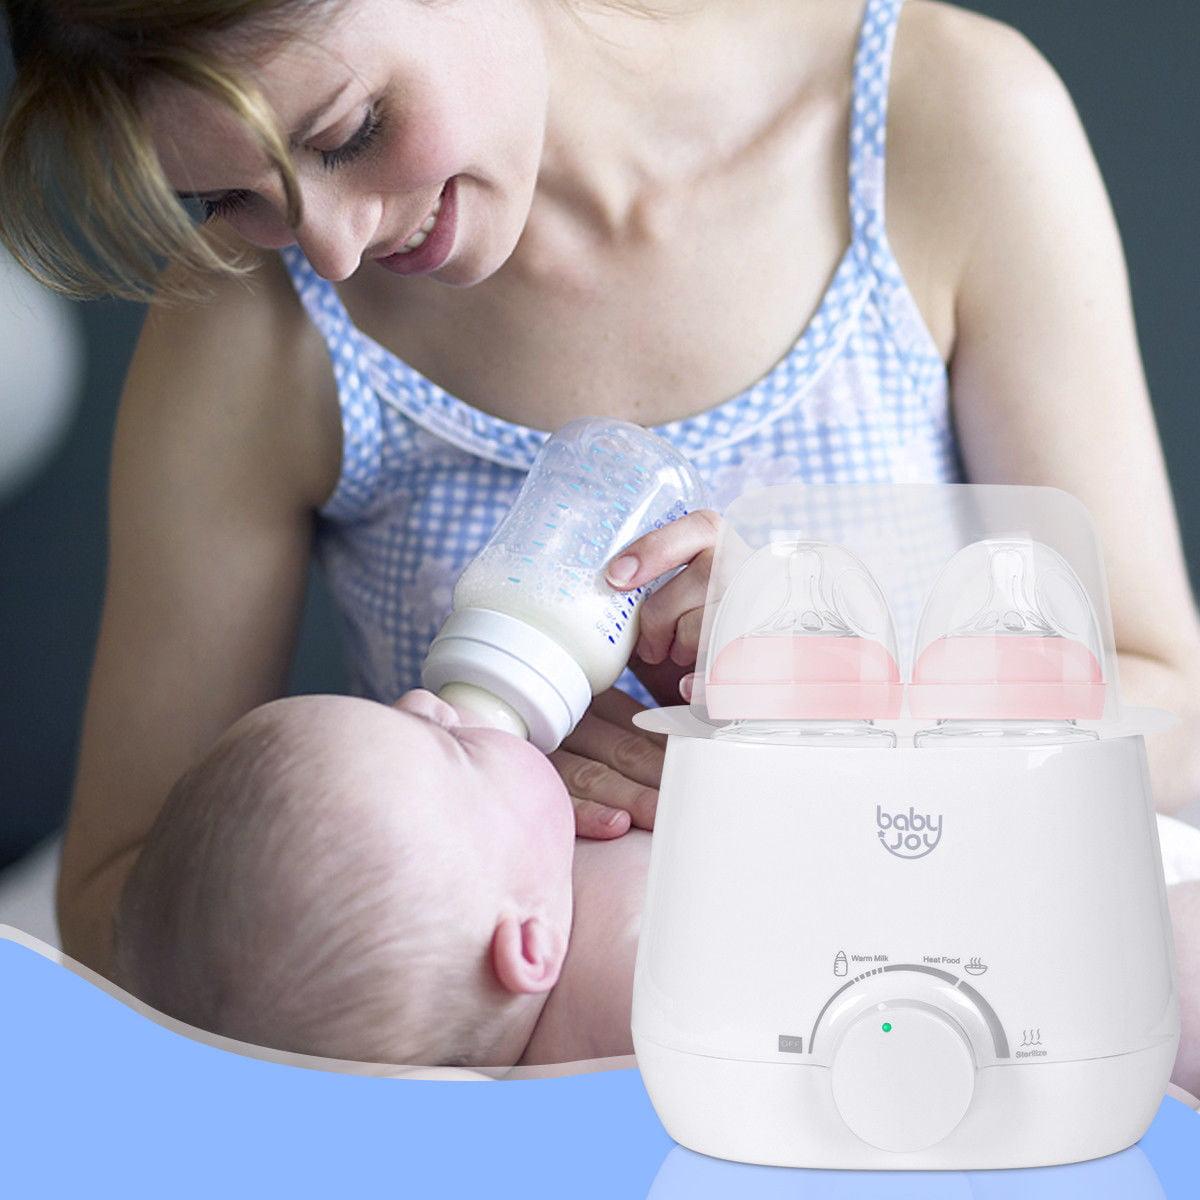 Baby-Joy Portable 3-IN-1 Baby Bottle Warmer Steam Sterilizer Food Breastmilk Heater by Costway